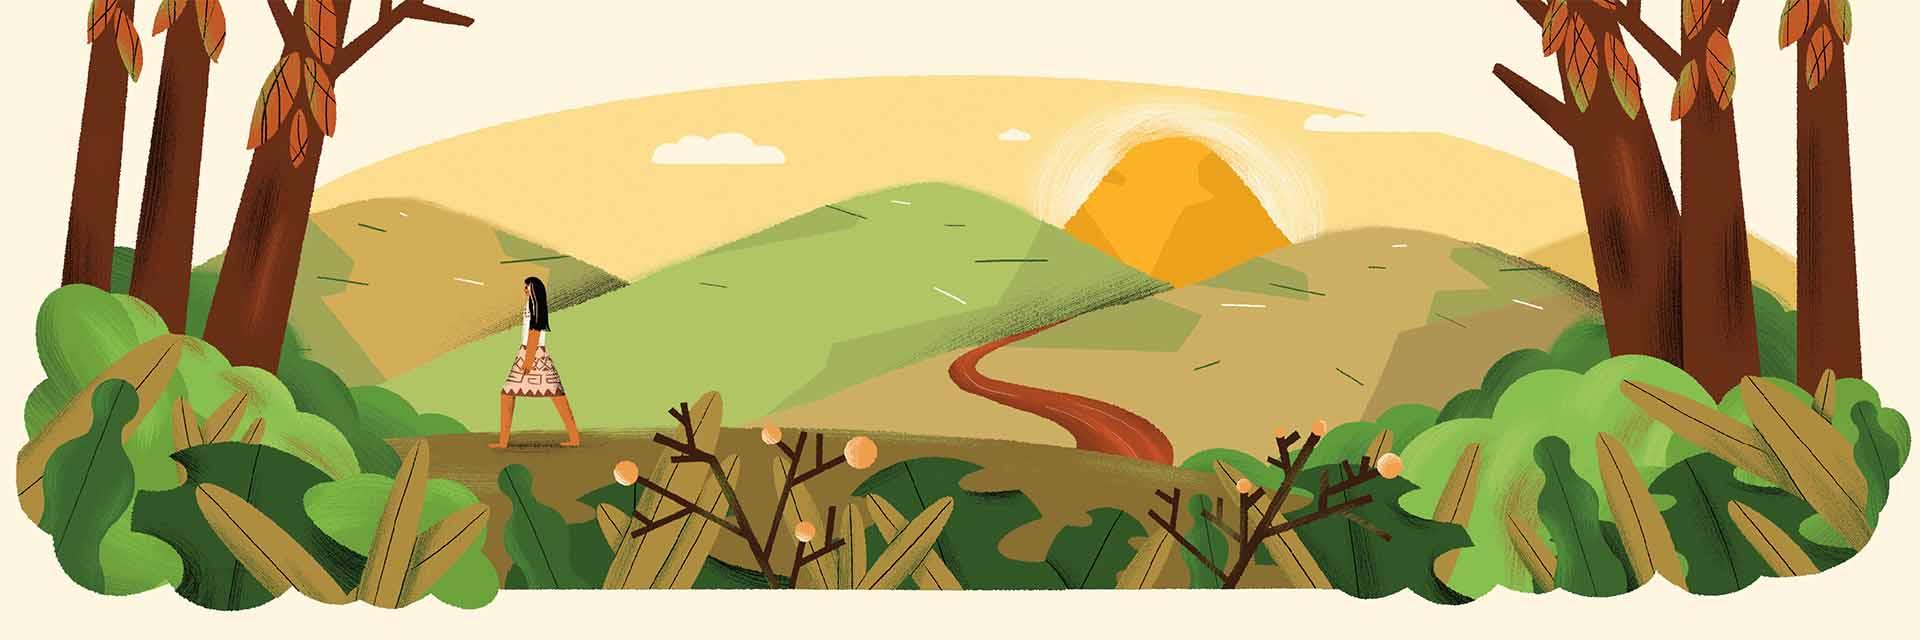 מתוך הסיפור נהר השוקולד. איור: חן ליבמן